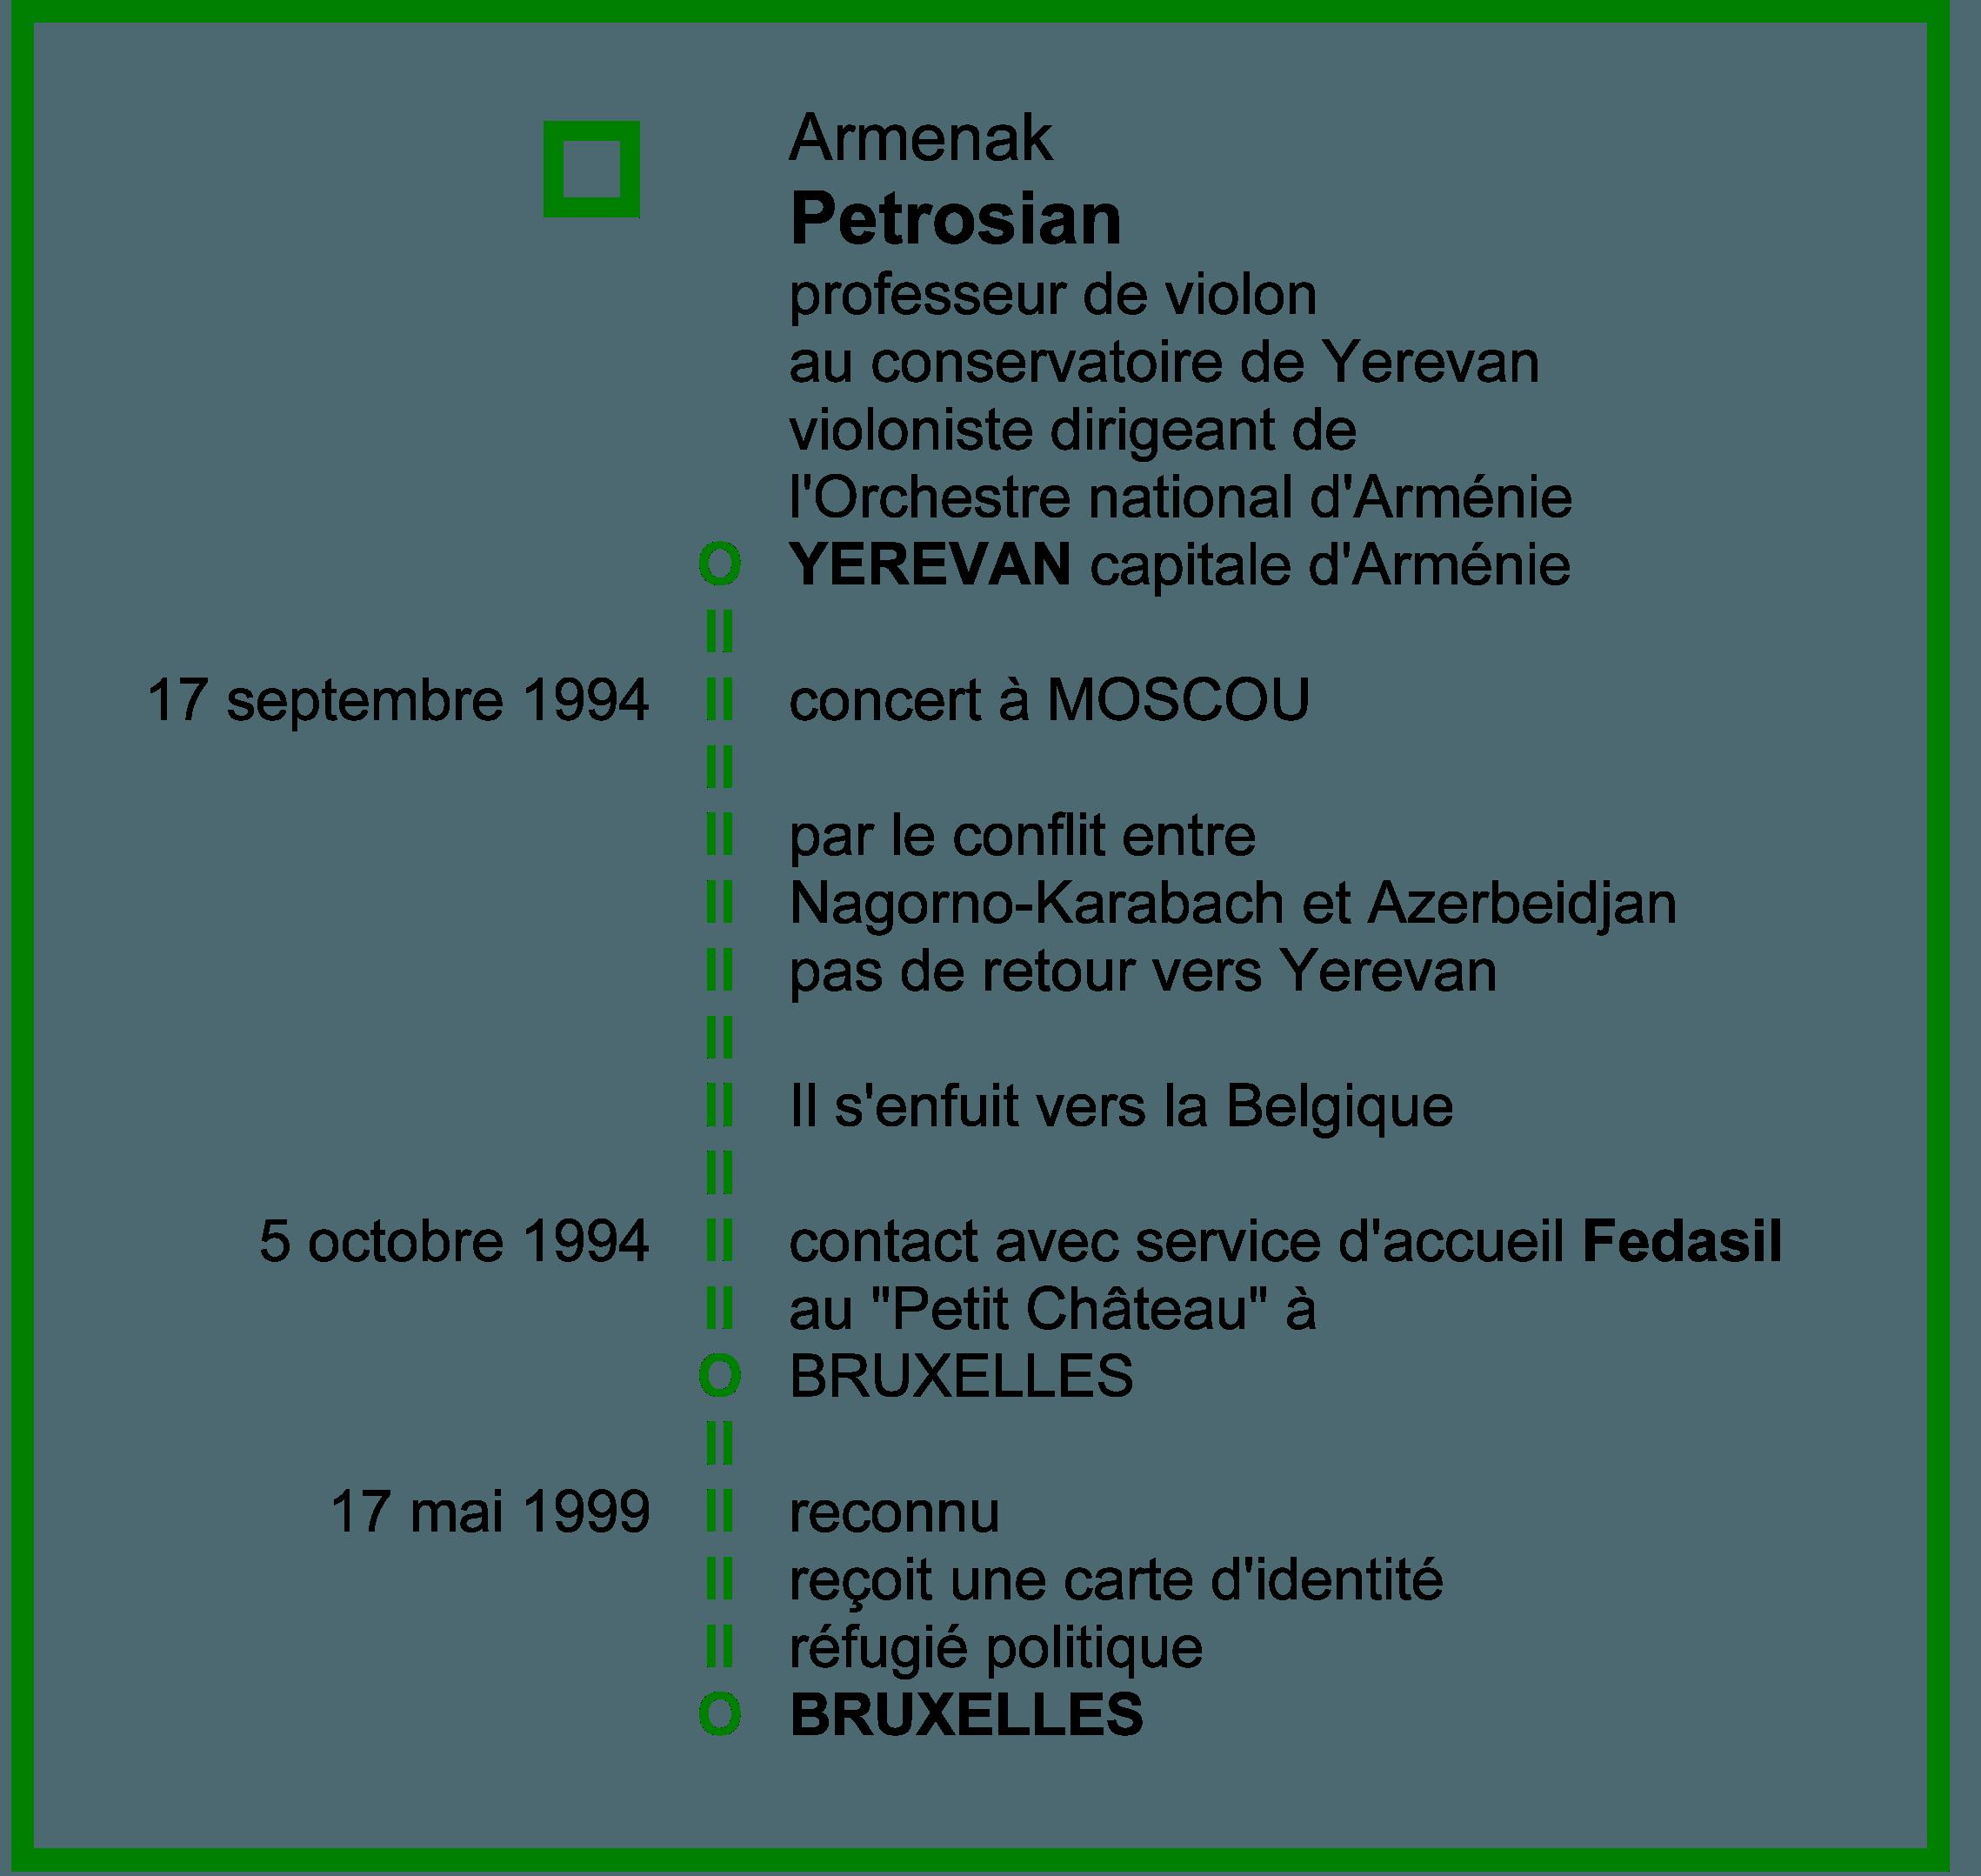 Circuit de fuite Petrosian